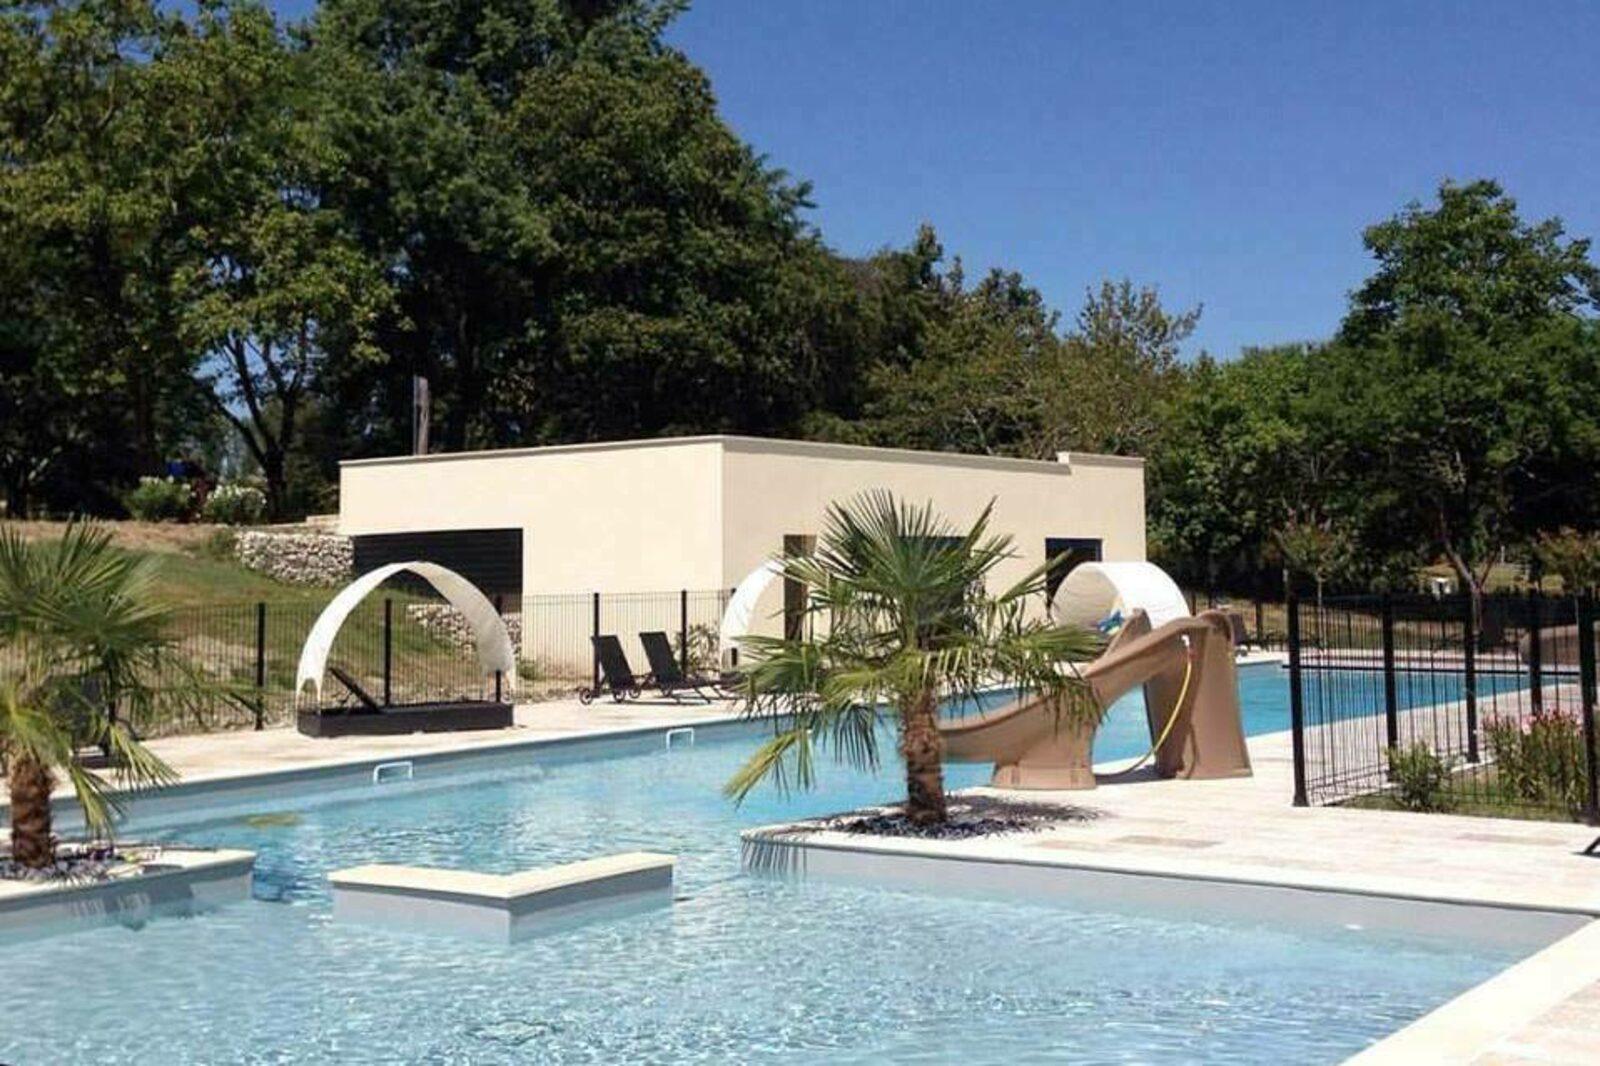 La Palanque - Acer op kleinschalig vakantiedomein